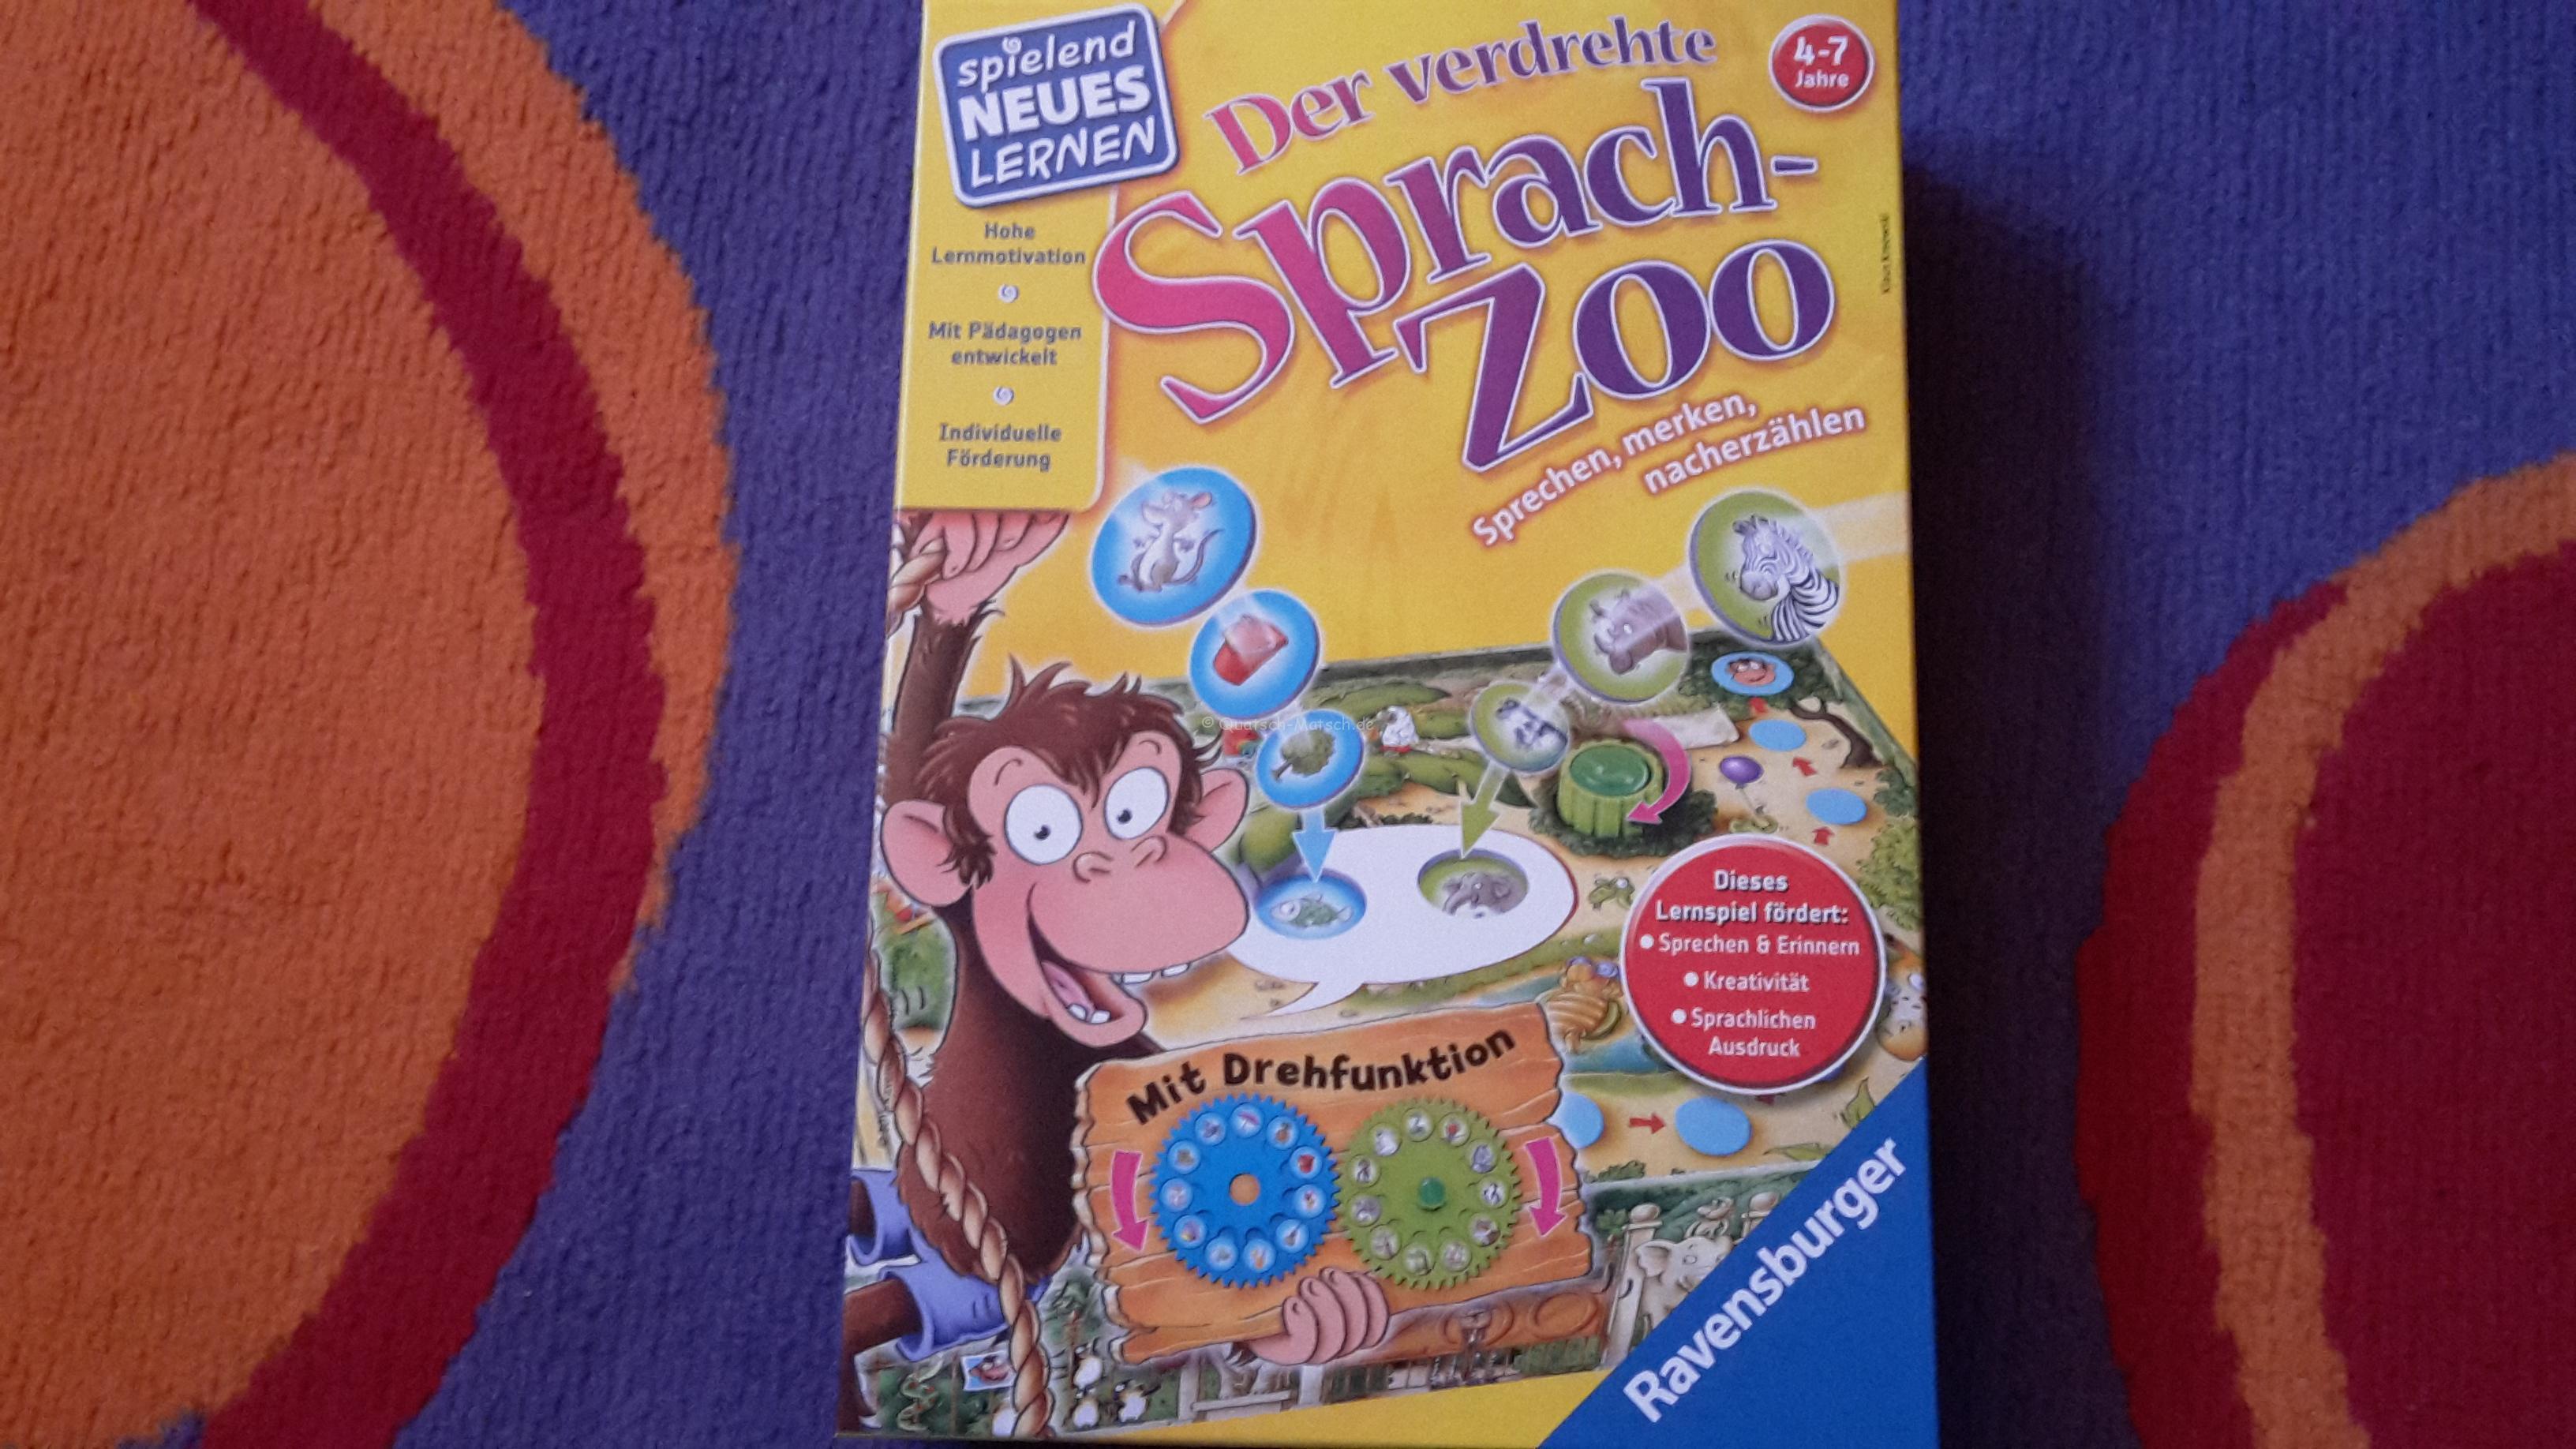 Der verdrehte Sprach-Zoo von Ravensburger